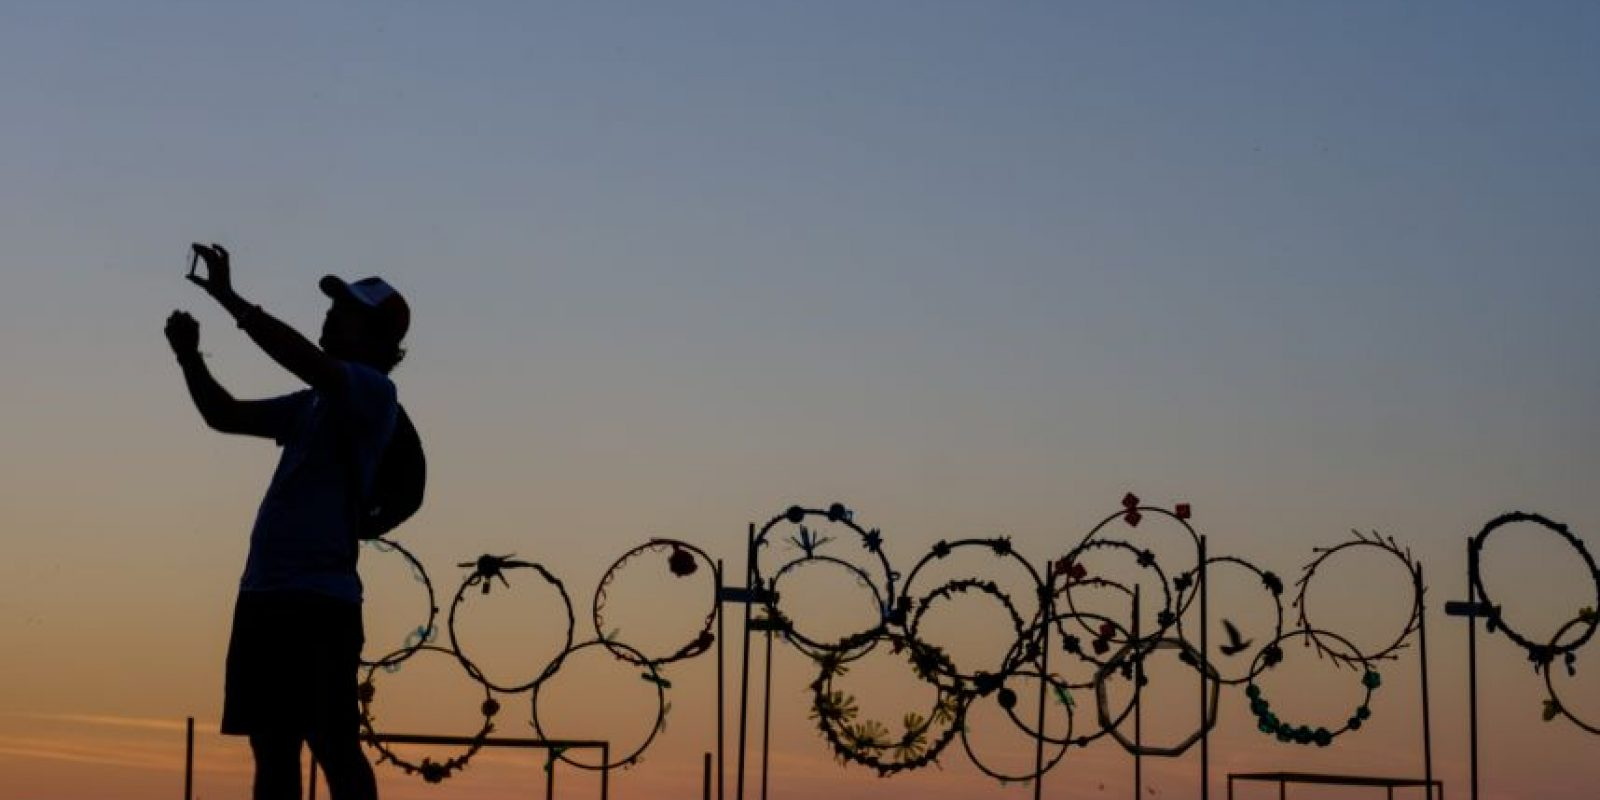 La demanda de servicios sexuales creció durante los Juegos Olímpicos que concluyeron el domingo. Foto:AFP